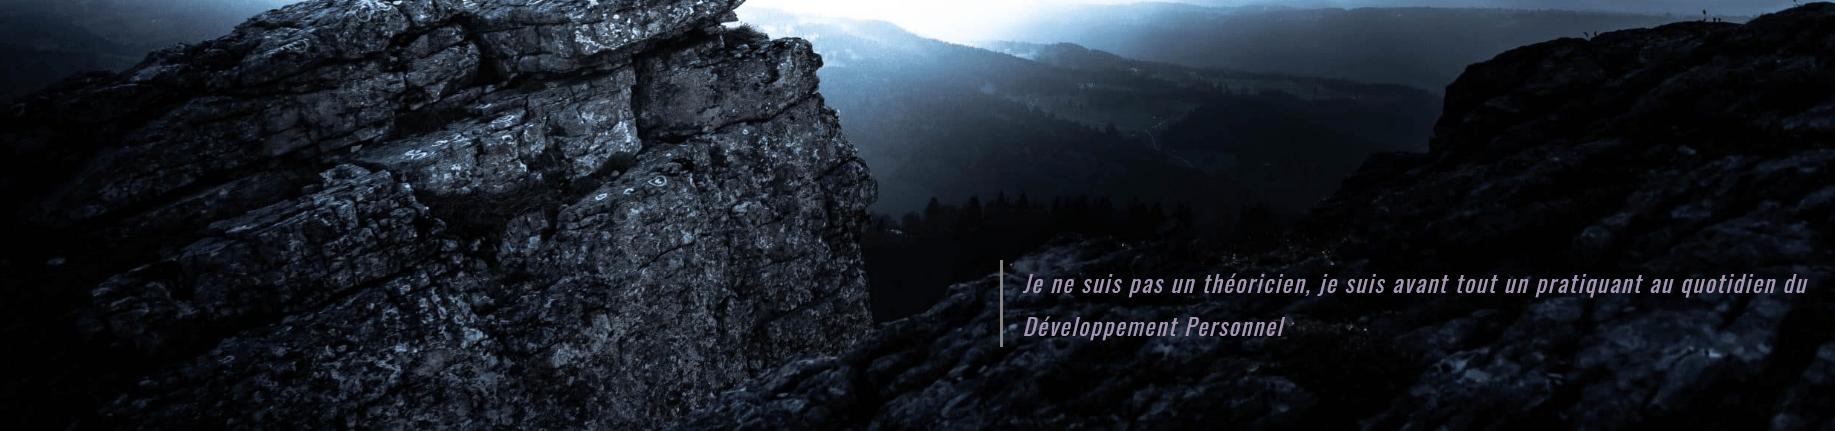 Coach en développement personnel : votre vie est votre meilleur enseignement - Adrien-Ludovic Chappert - Coach en développement personnel à Chambéry